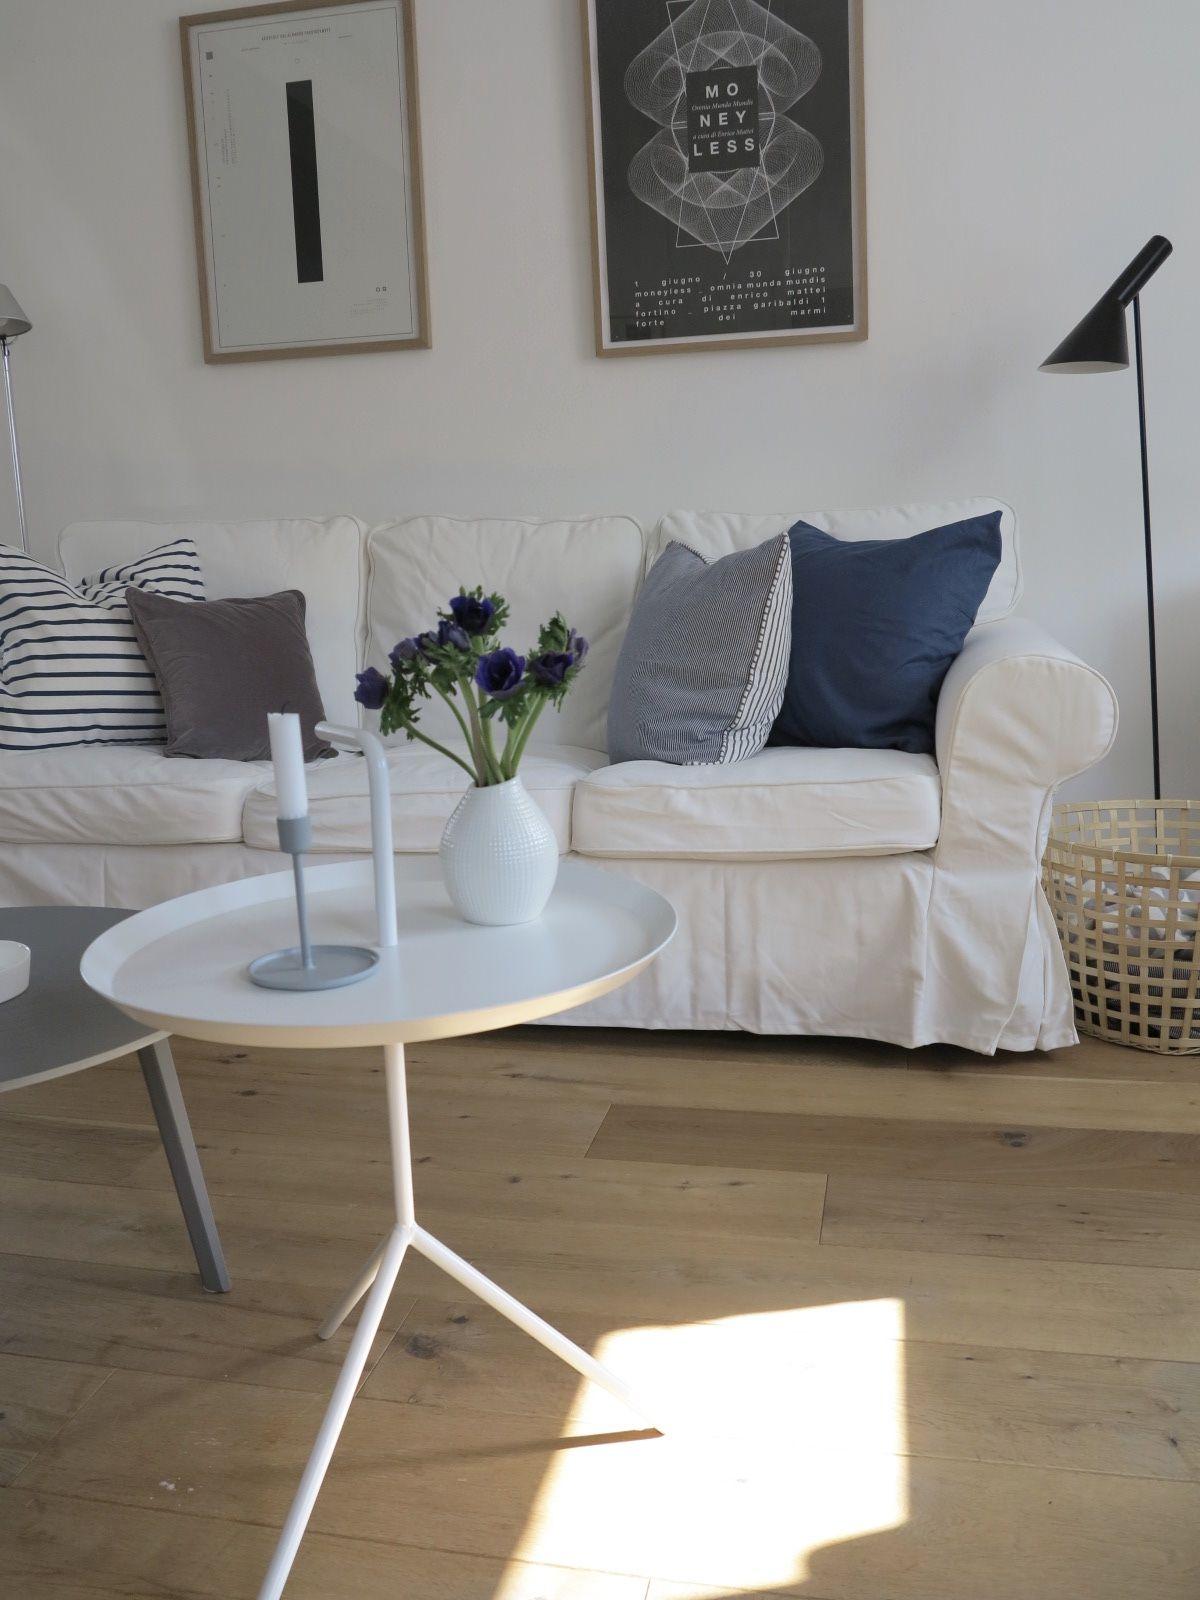 Superior Kuhle Startseite Dekoration Modernen Dekoration Wohnzimmer Fruhling #13: ...etwas Blau Für Den Frühling